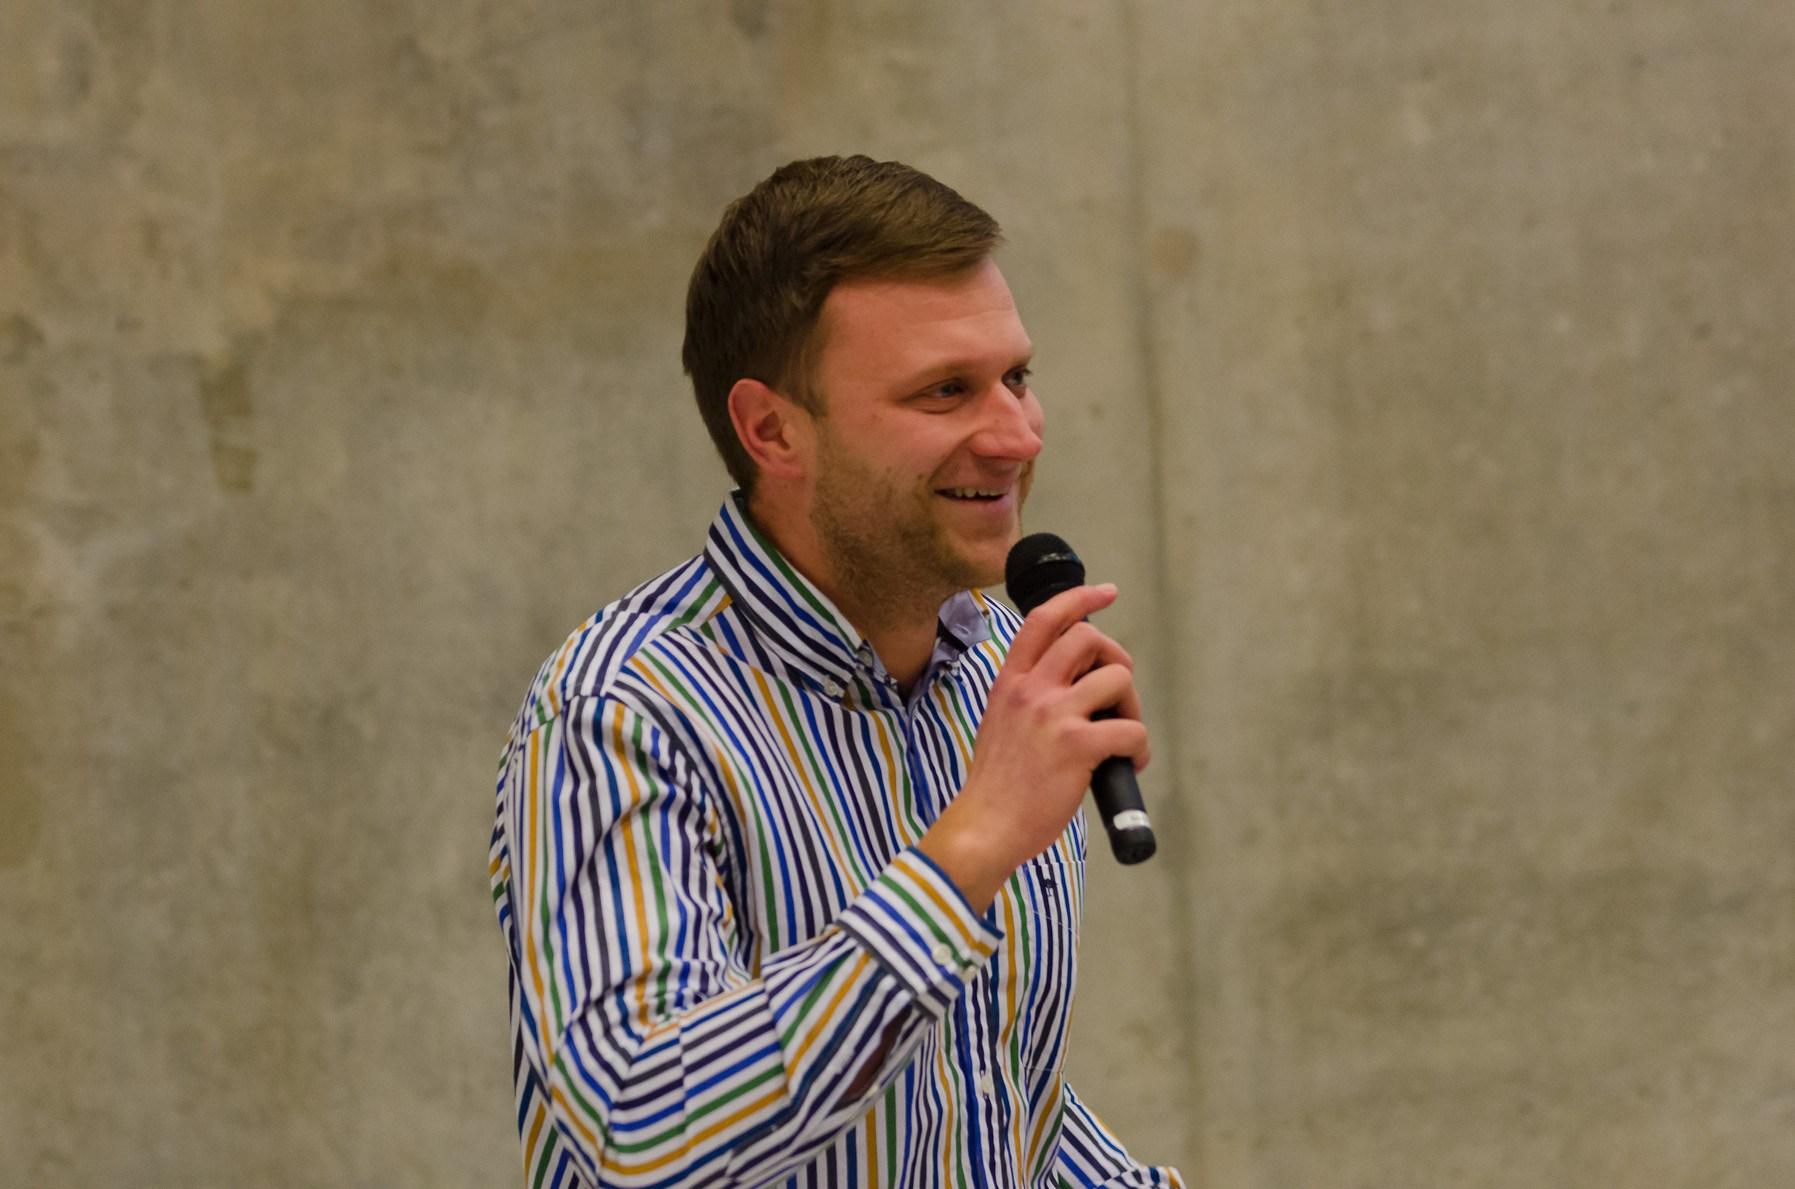 KTU Startup Space vadovas Donatas Smailys